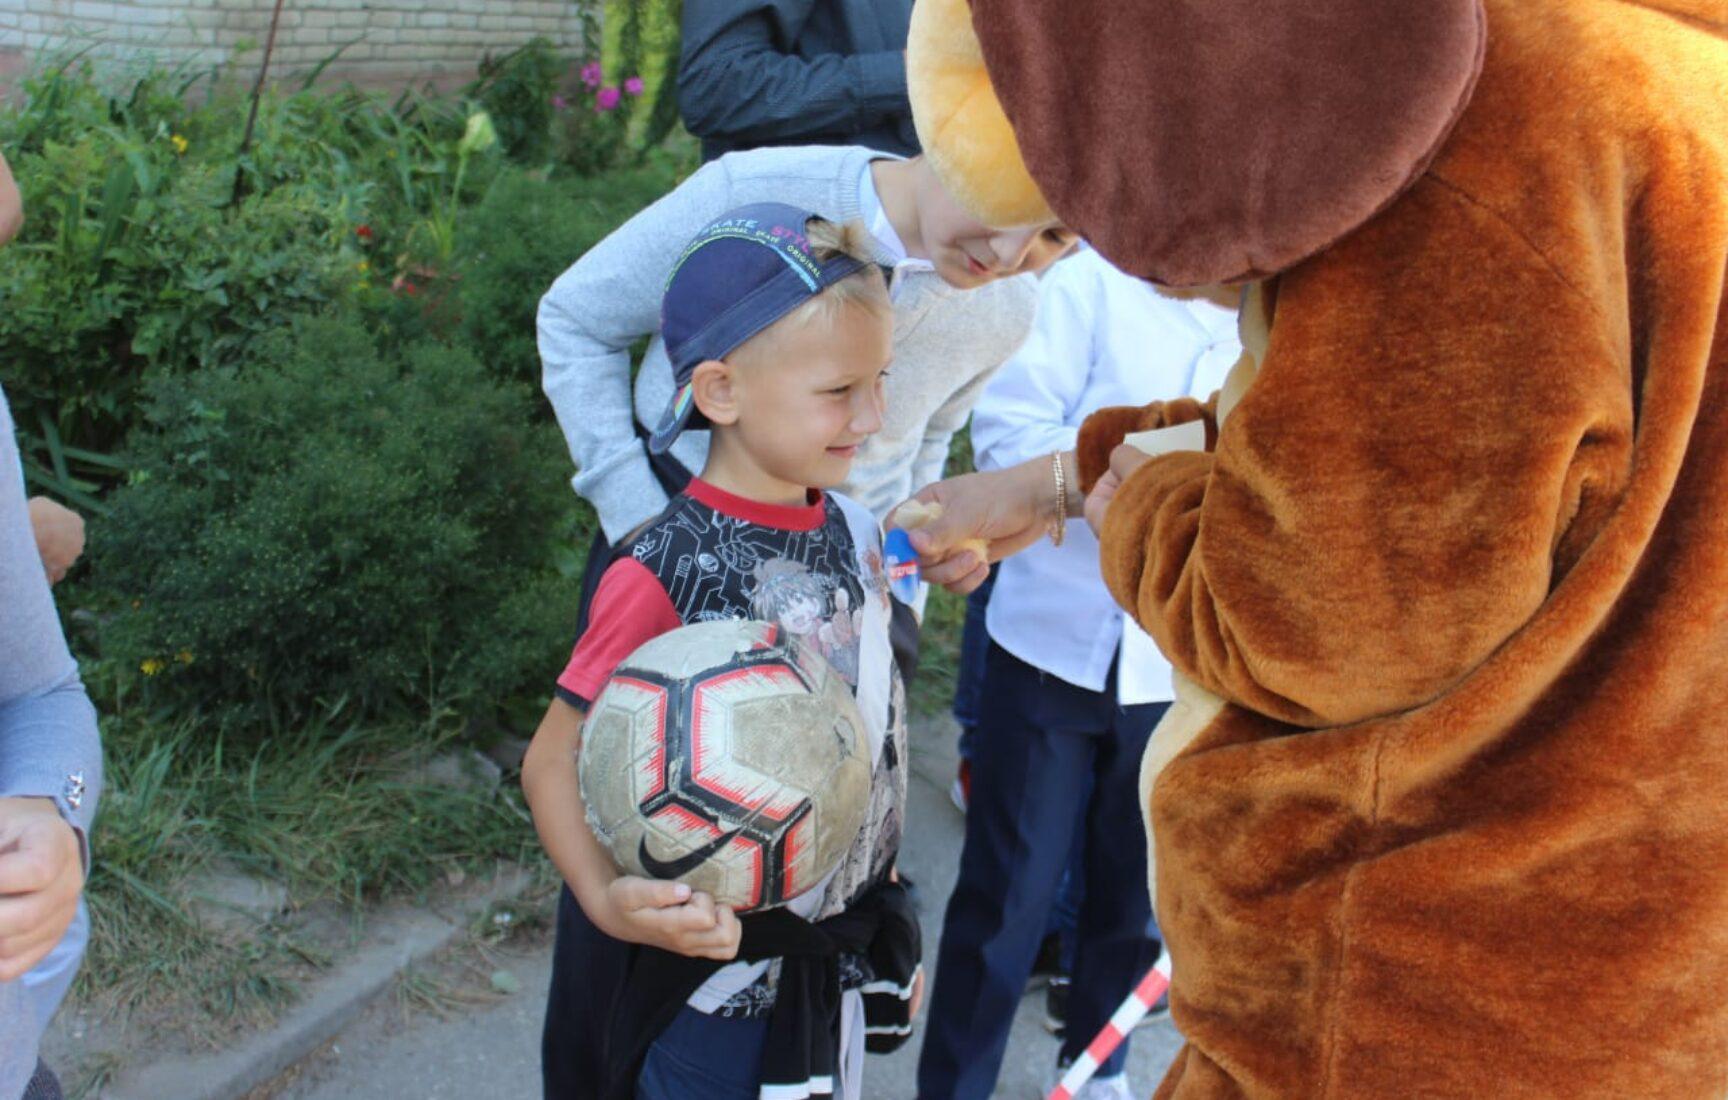 Жители села Ненашево будут заниматься спортом на современной тренажерной площадке